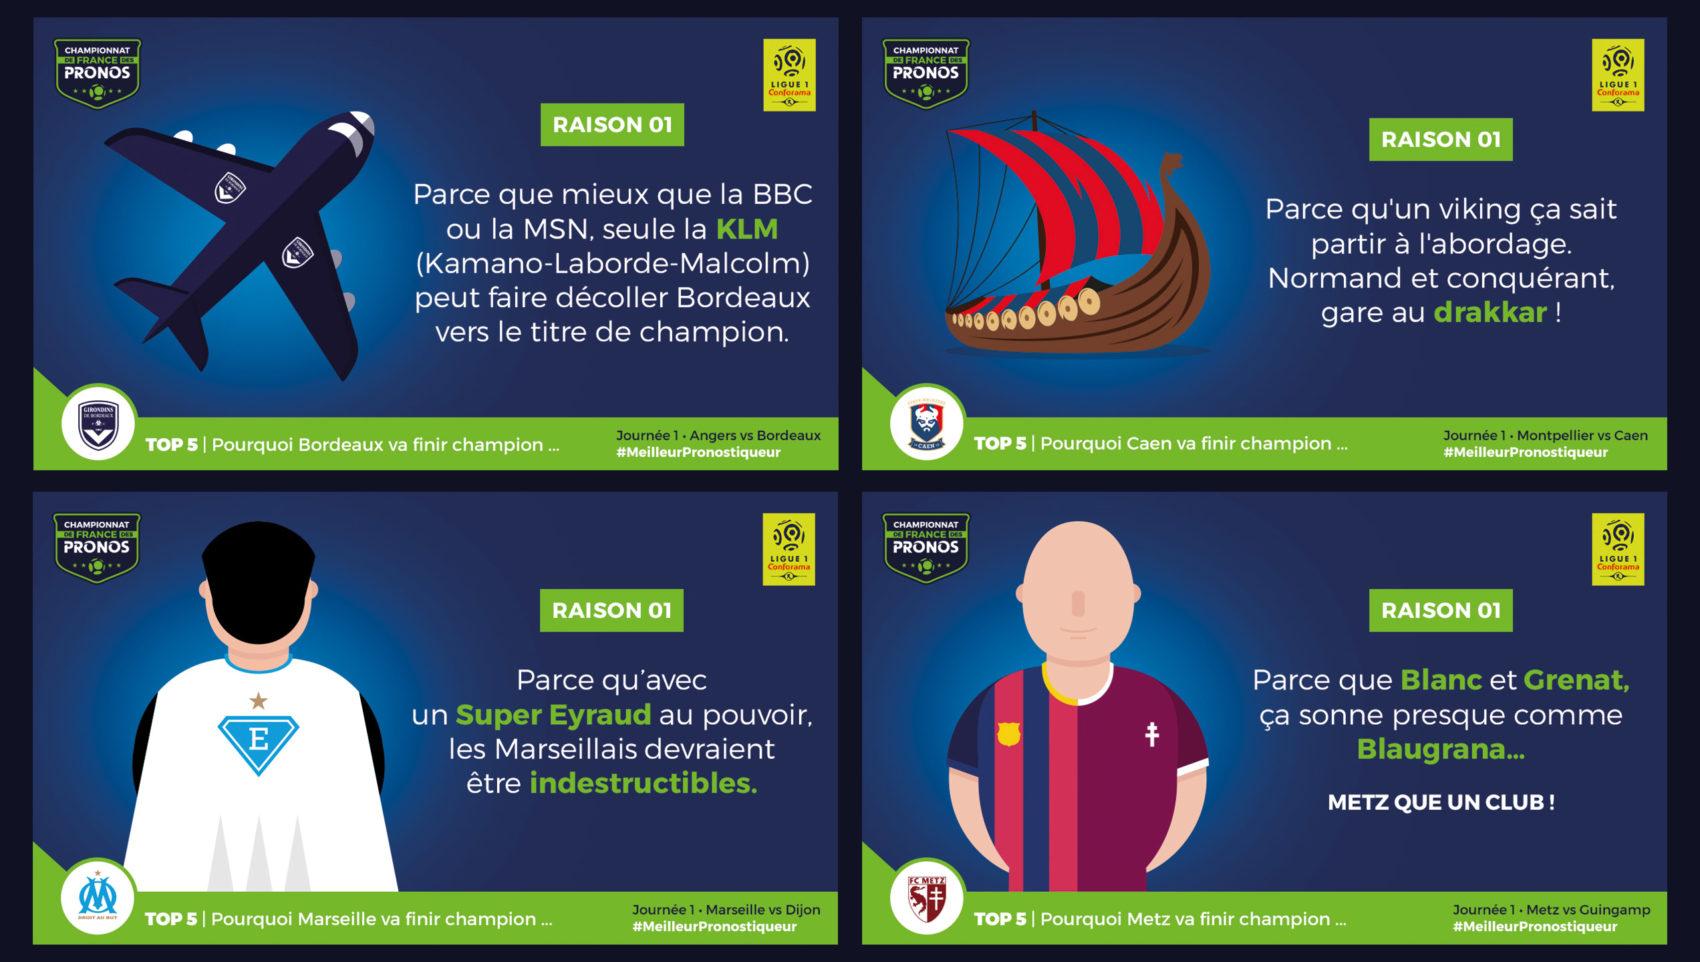 Projet_francaise_des_jeux_FDJ_Championnat_de_france_des_pronos